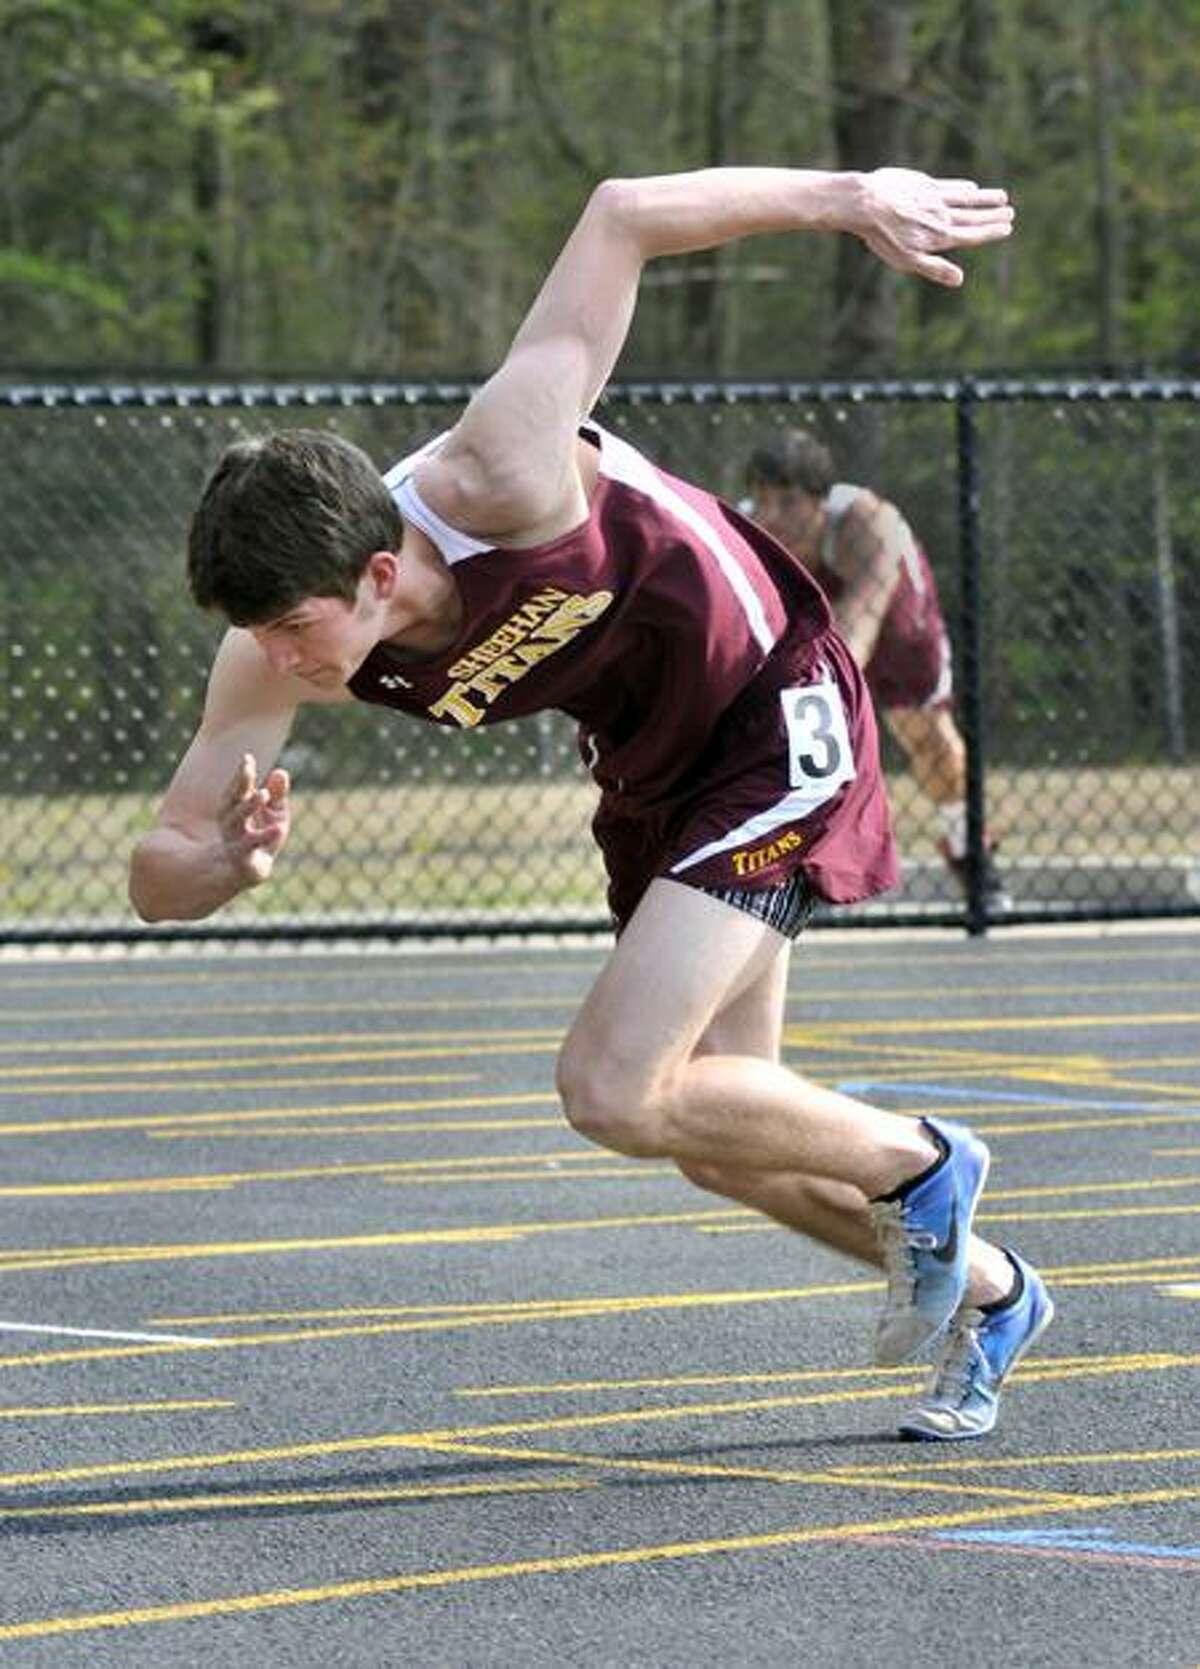 Sheehan's Justin Doehr takes off in the 200 meter race. Melanie Stengel/Register